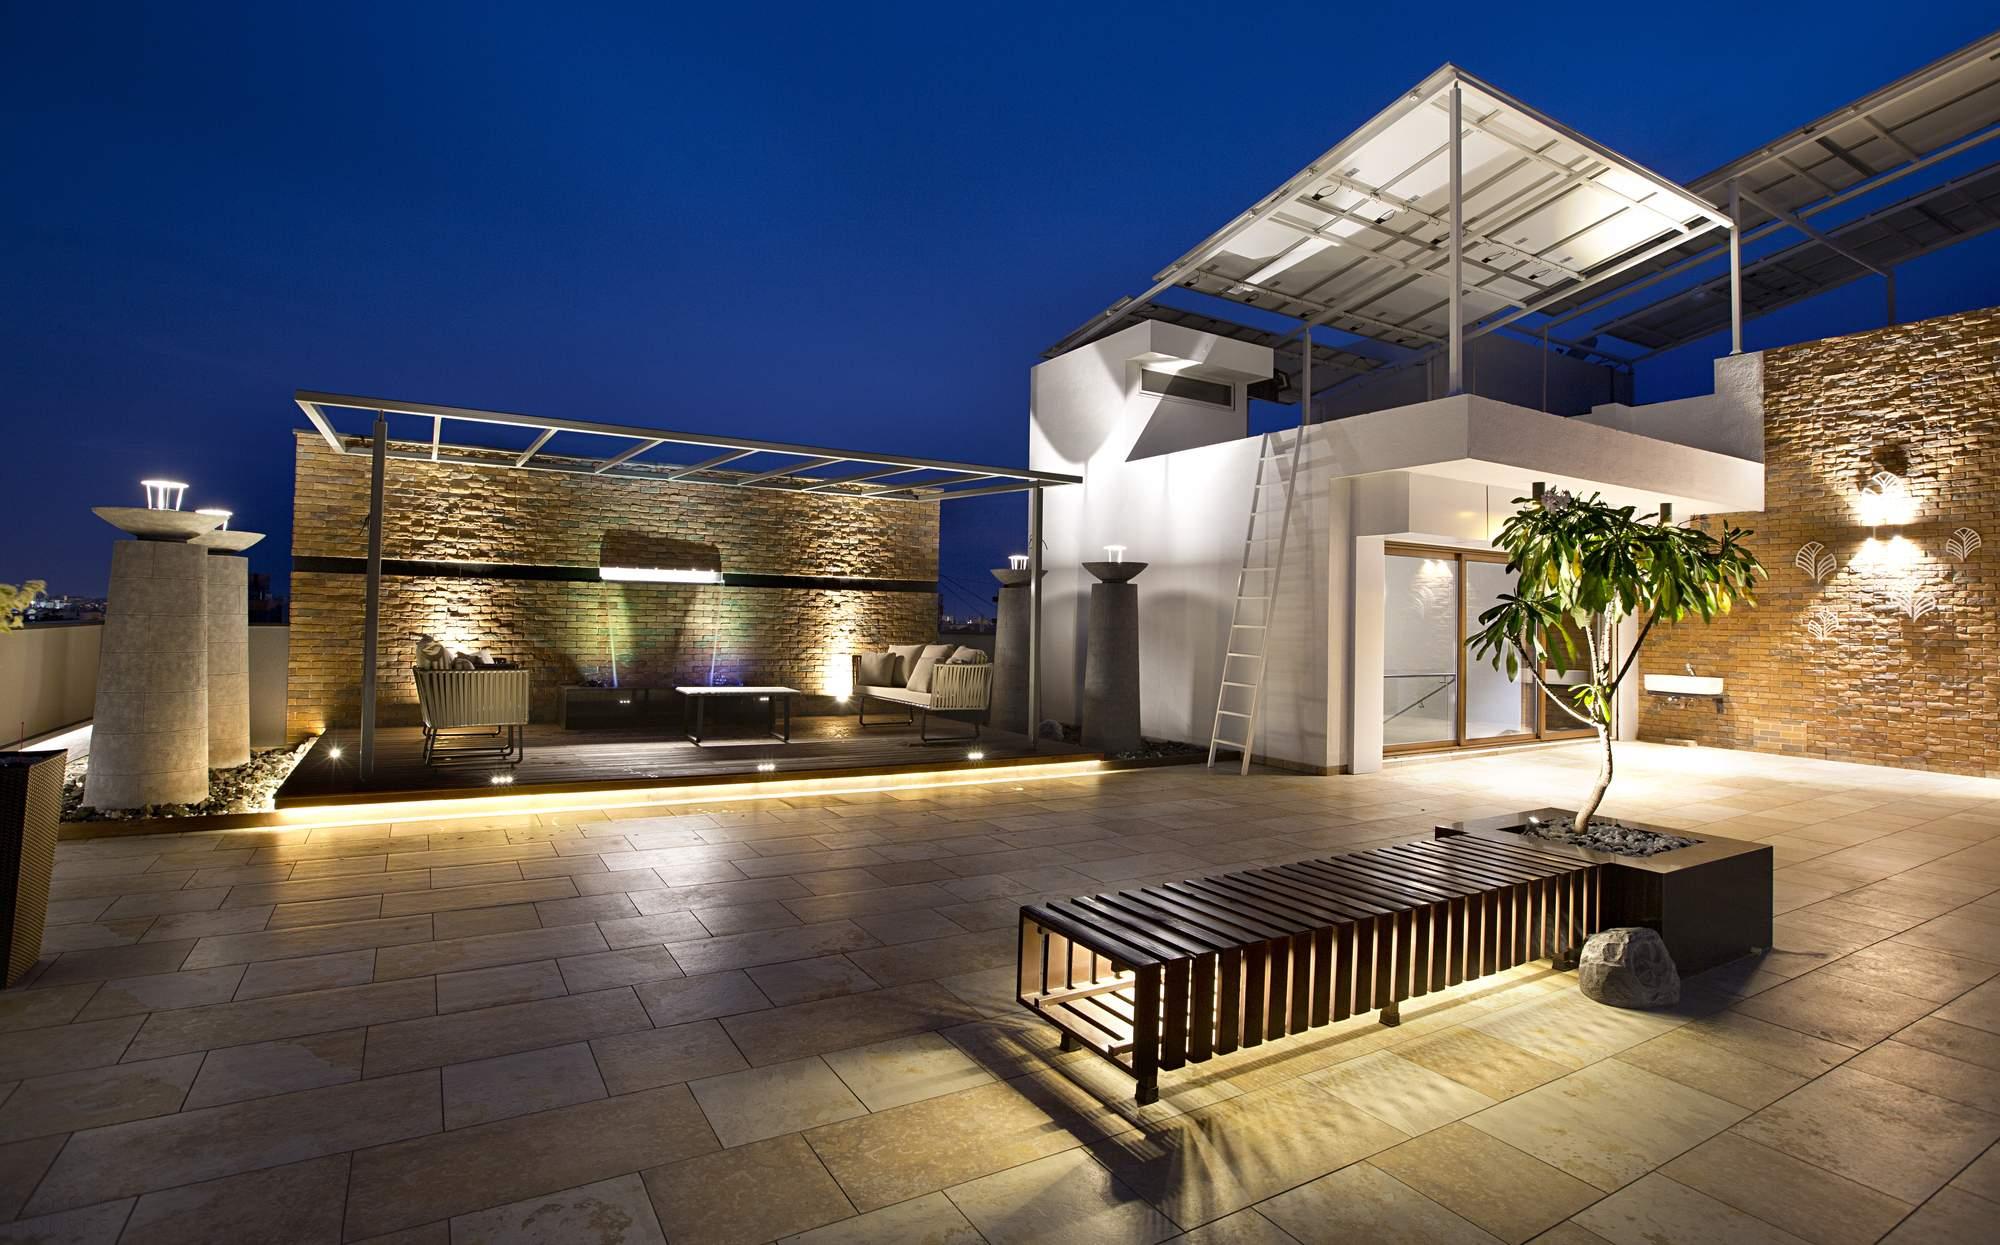 Дом для многофункционального использования, Индия